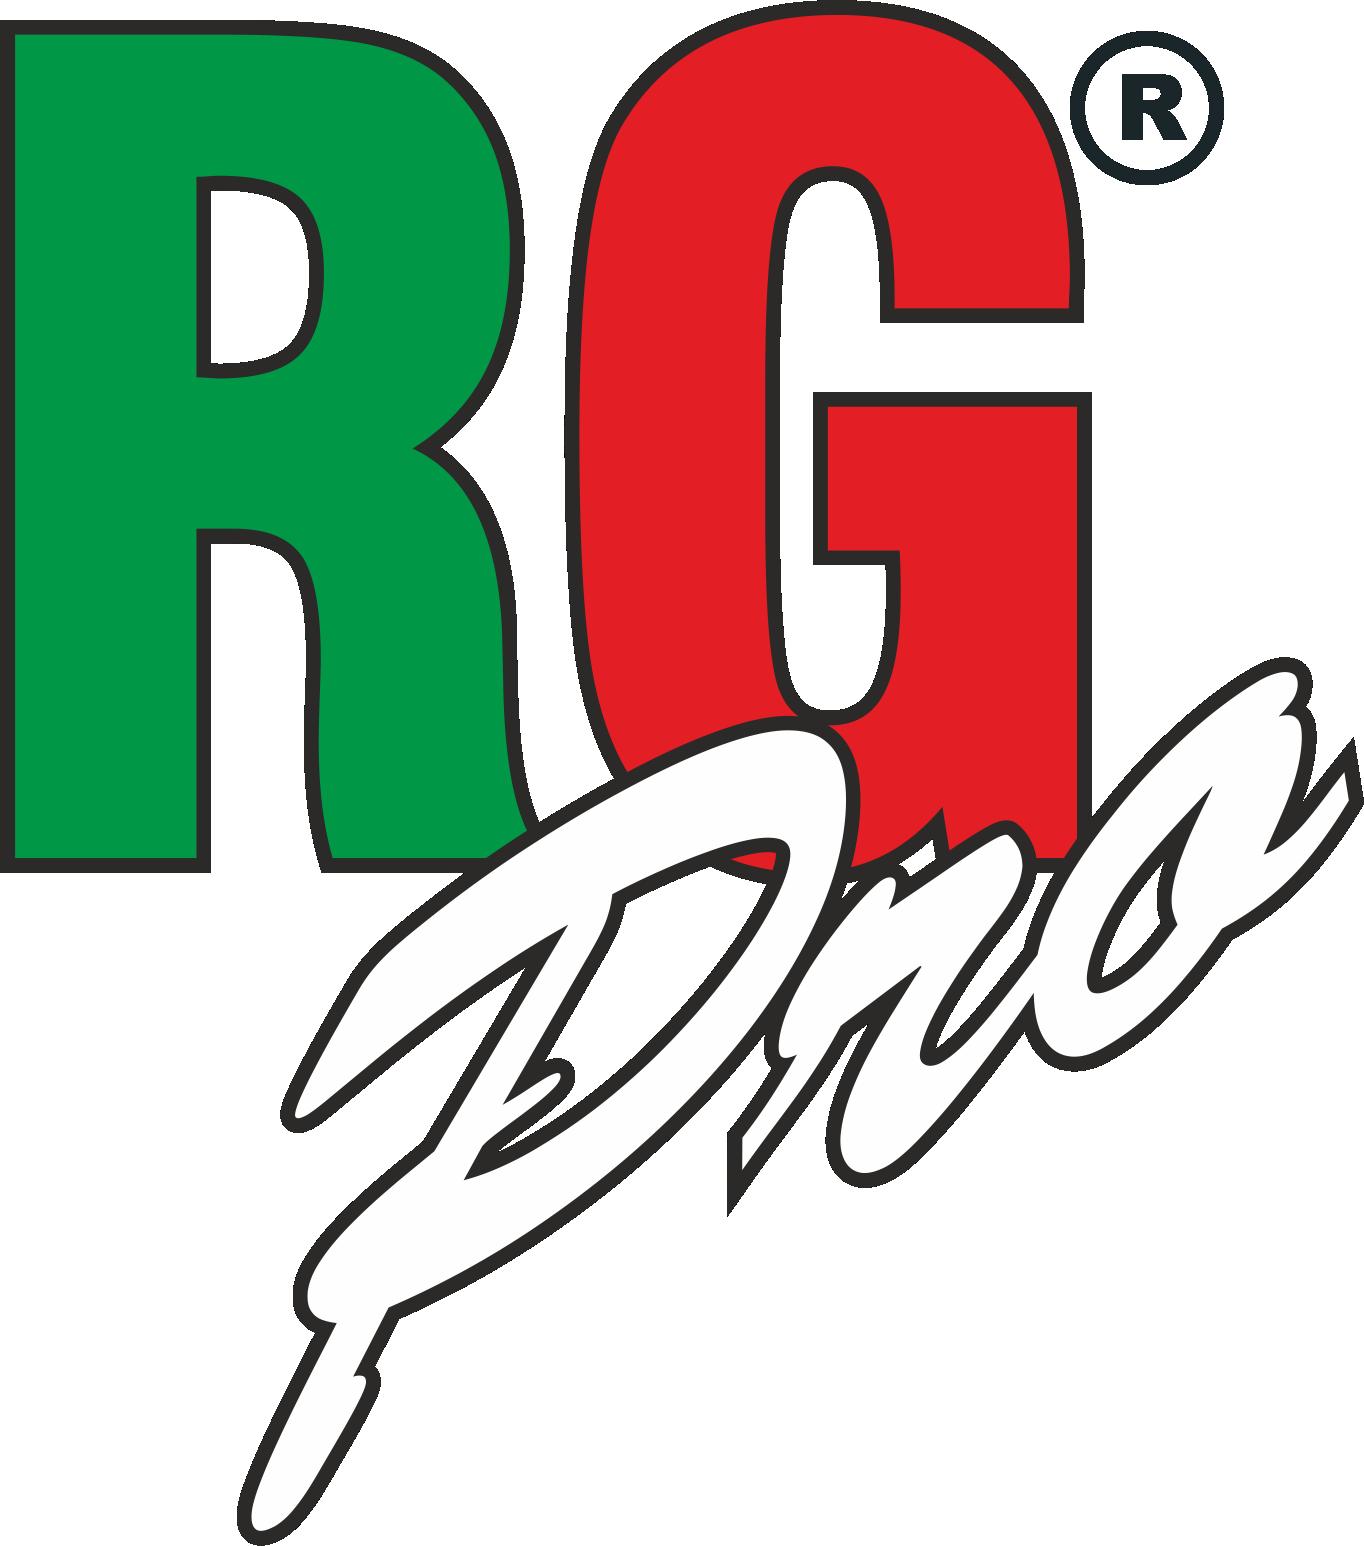 Rg Pro